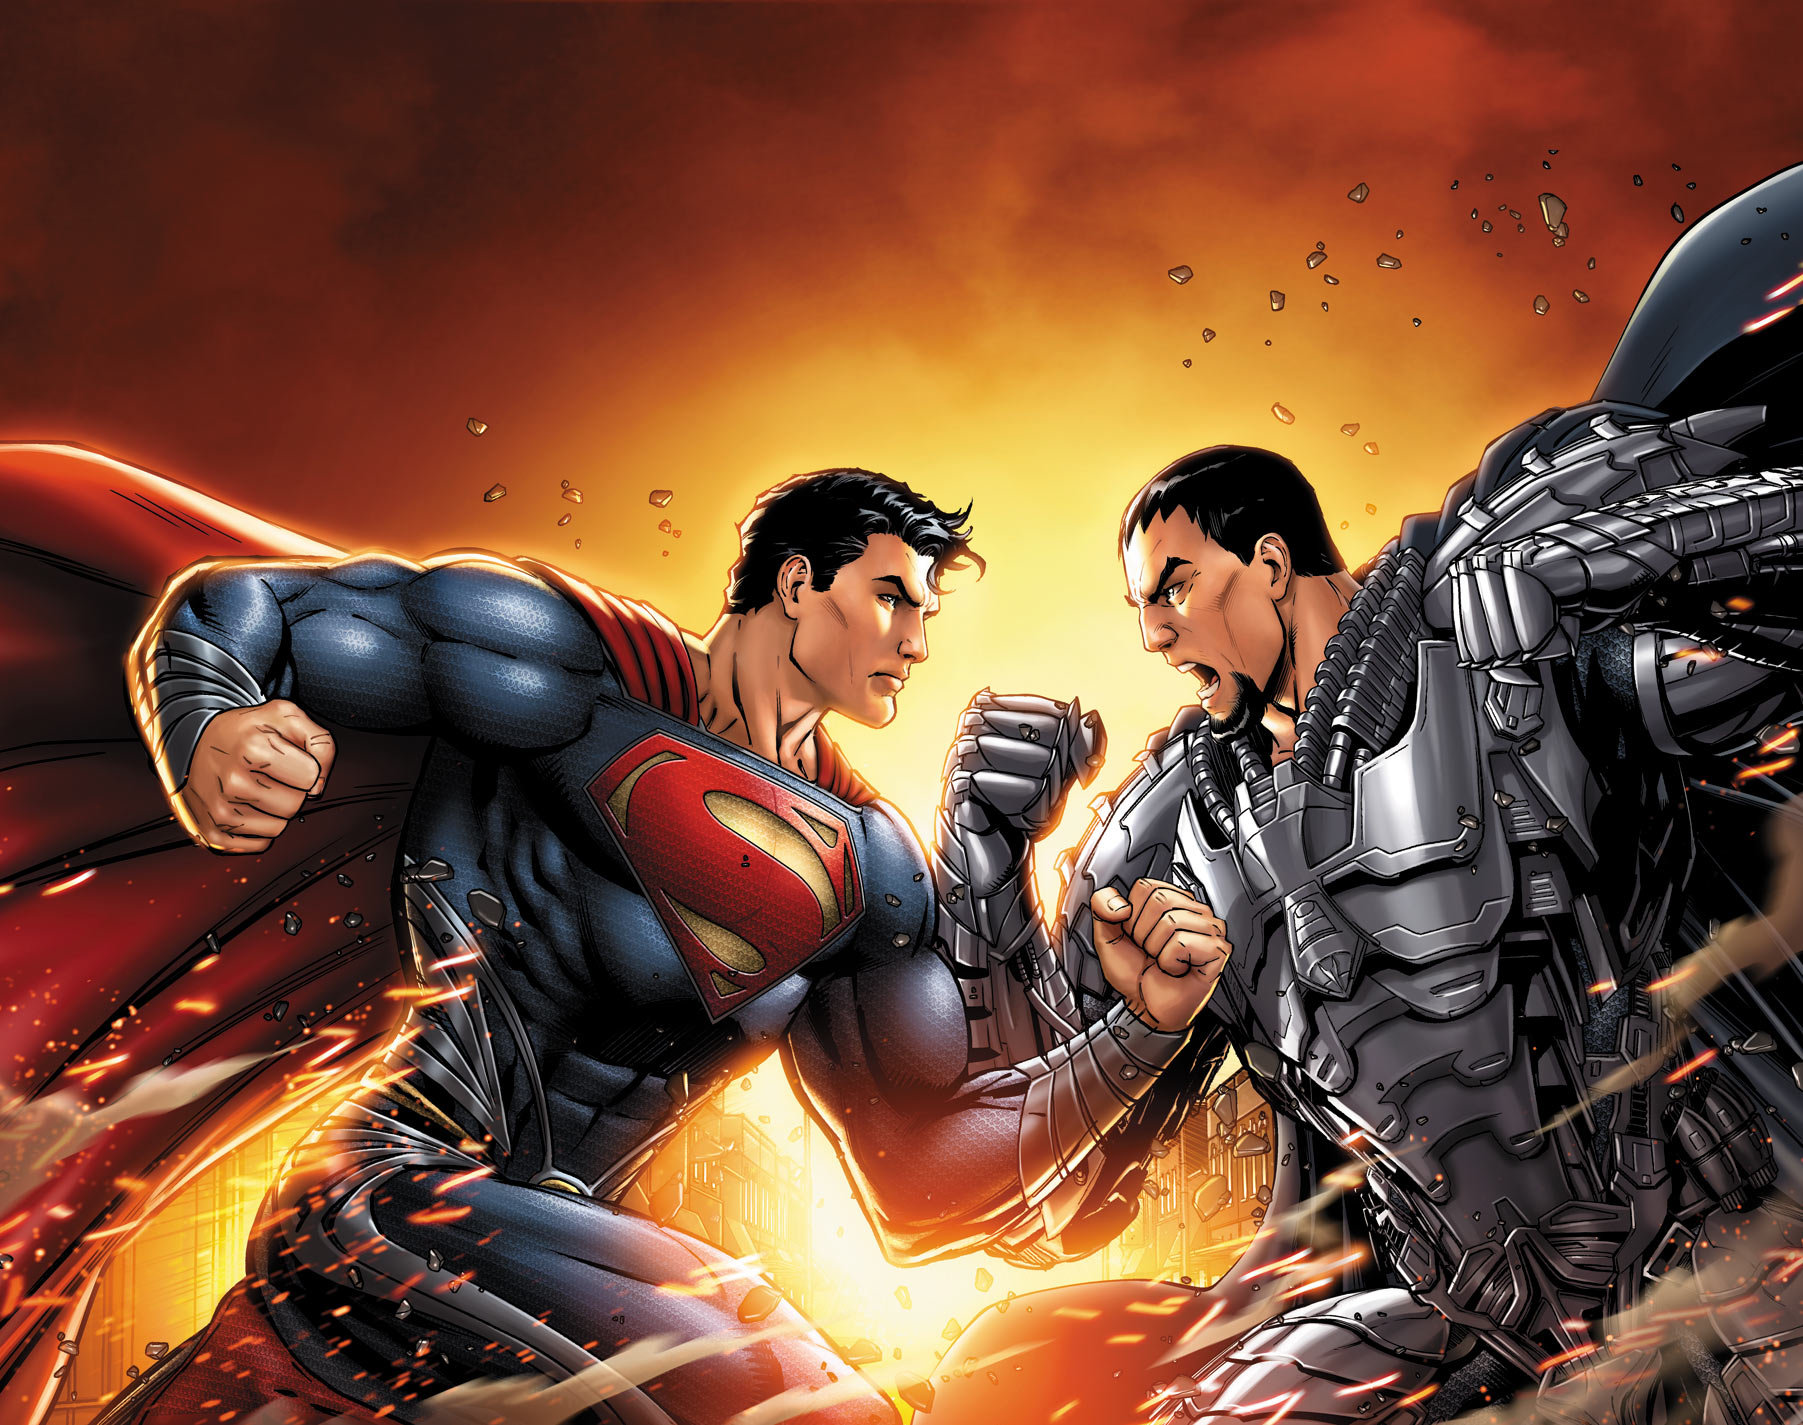 Man of Steel: Superman saves Smallville